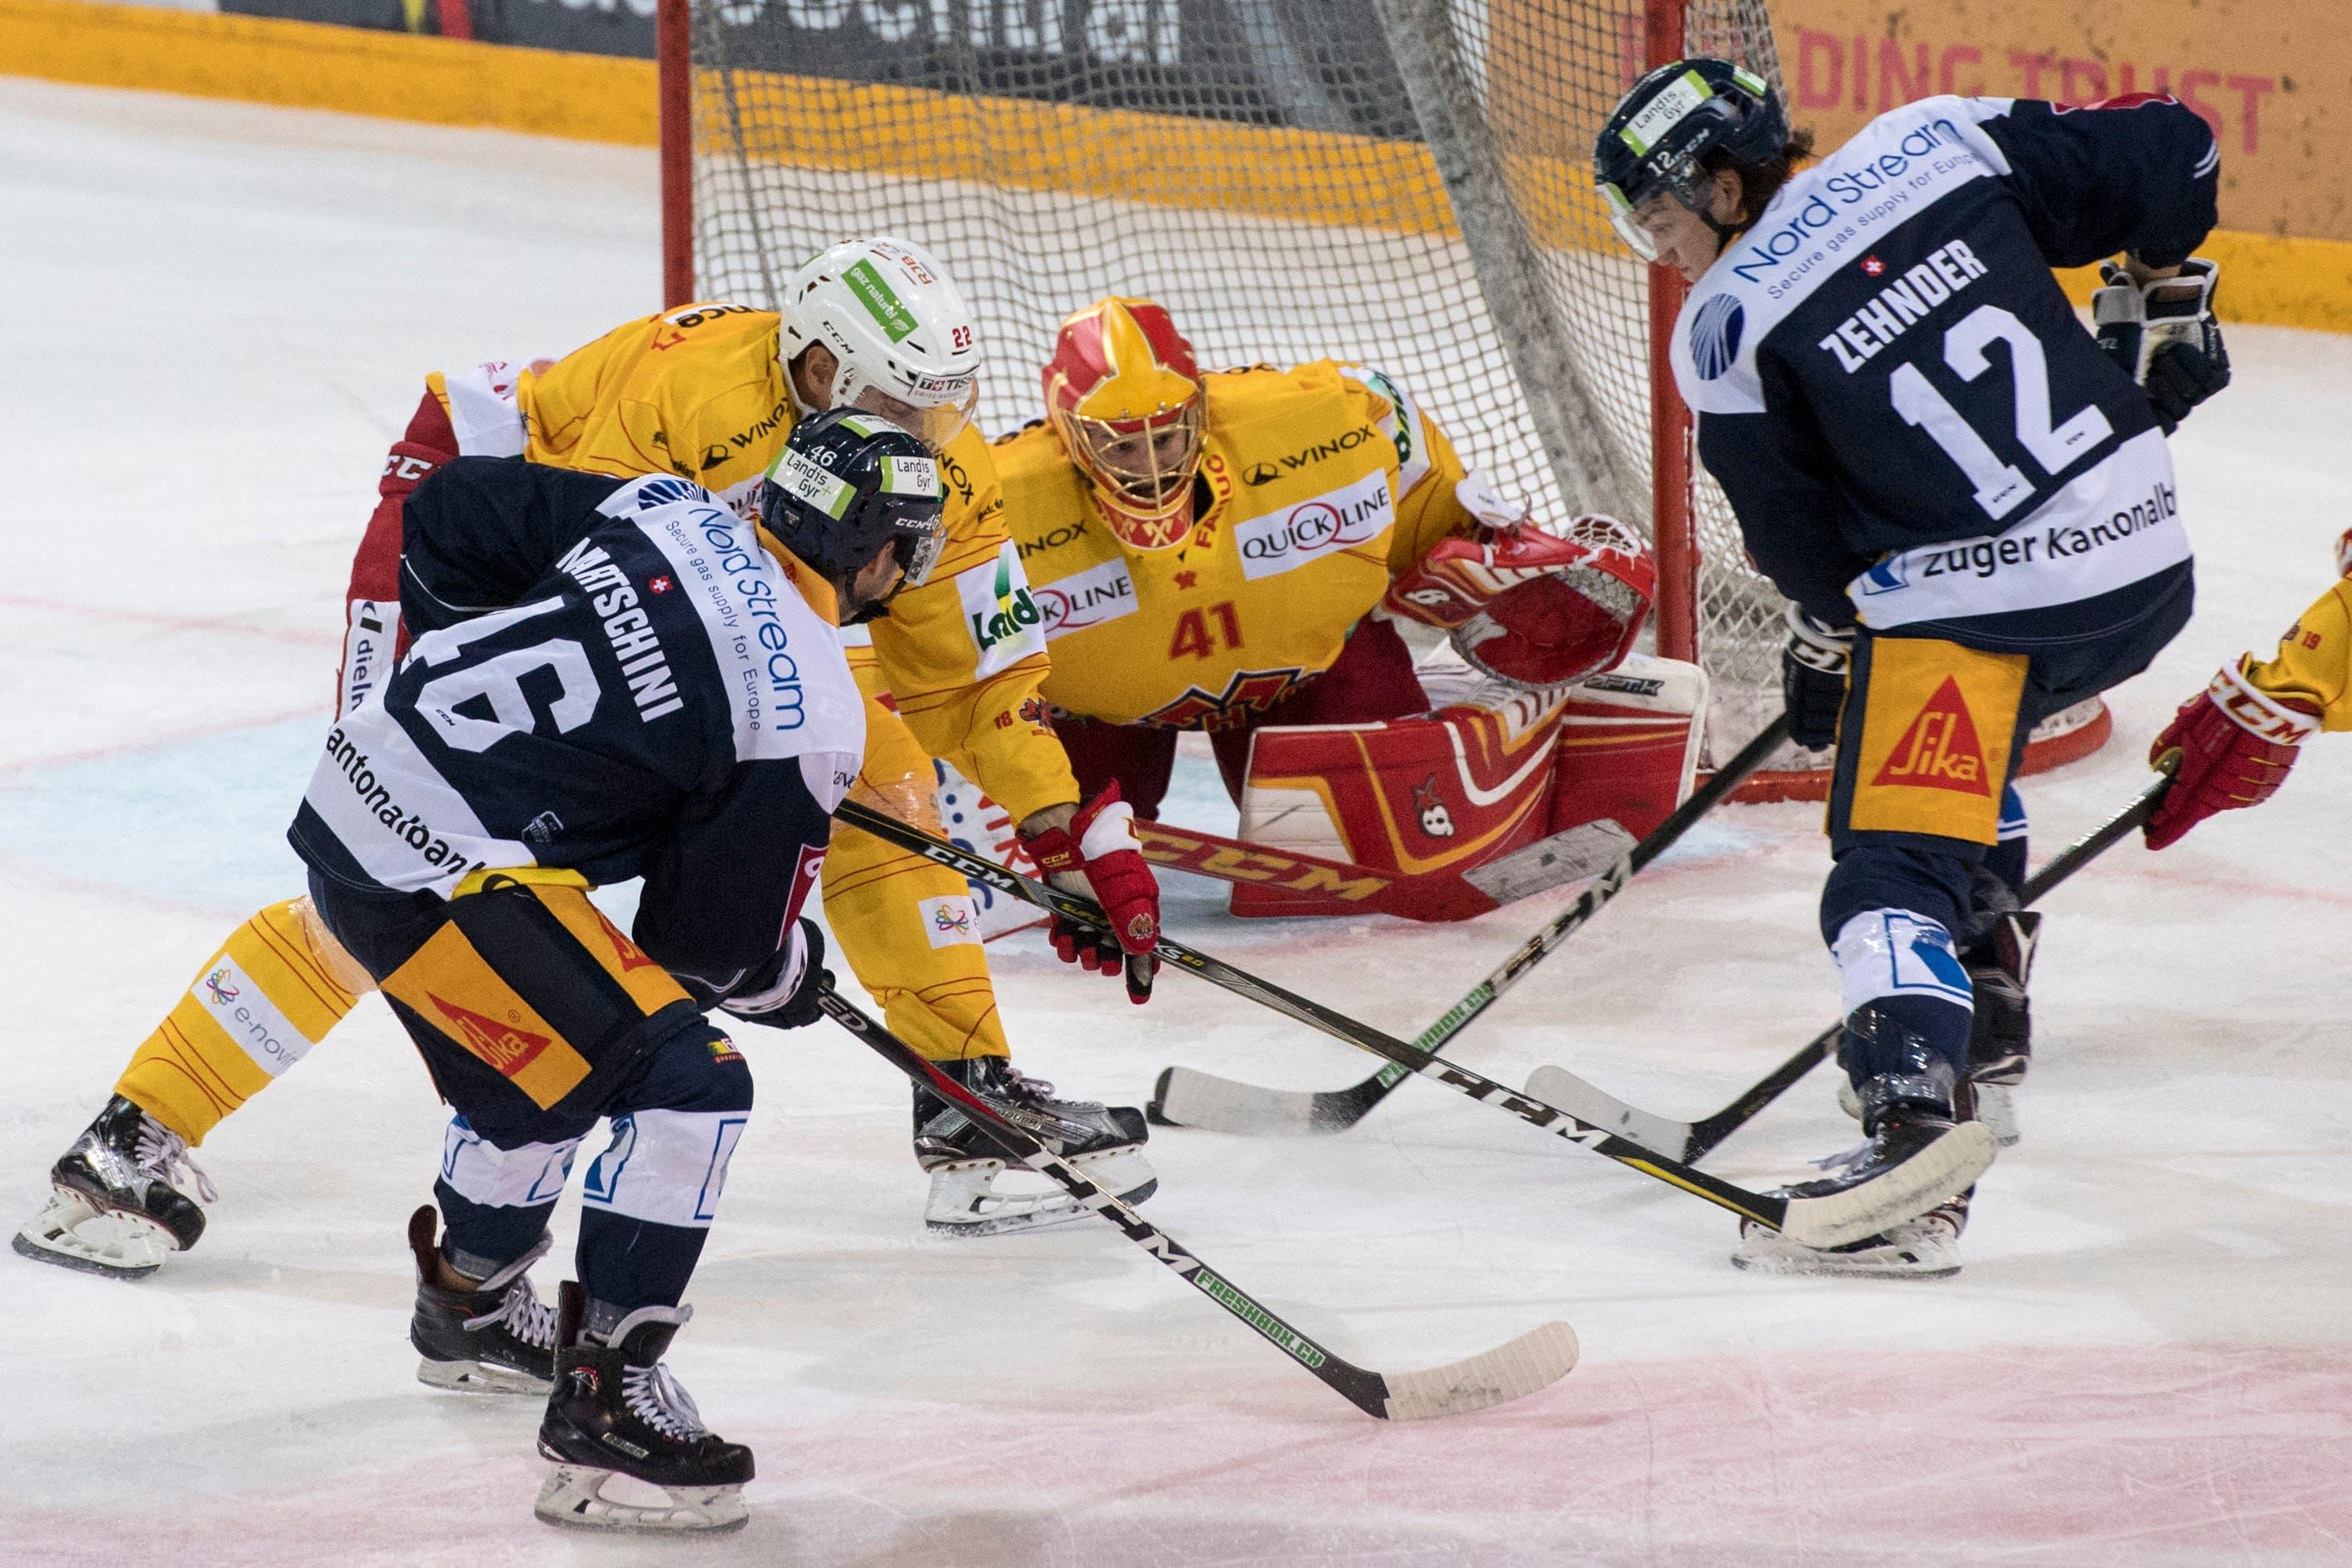 Torhüter Elien Paupe, Mitte, von Biel im Spiel gegen Lino Martschini, links, und Yannick Lammer, rechts, von Zug. (Bild: KEYSTONE/Urs Flueeler (Zug, 13. Oktober 2018))